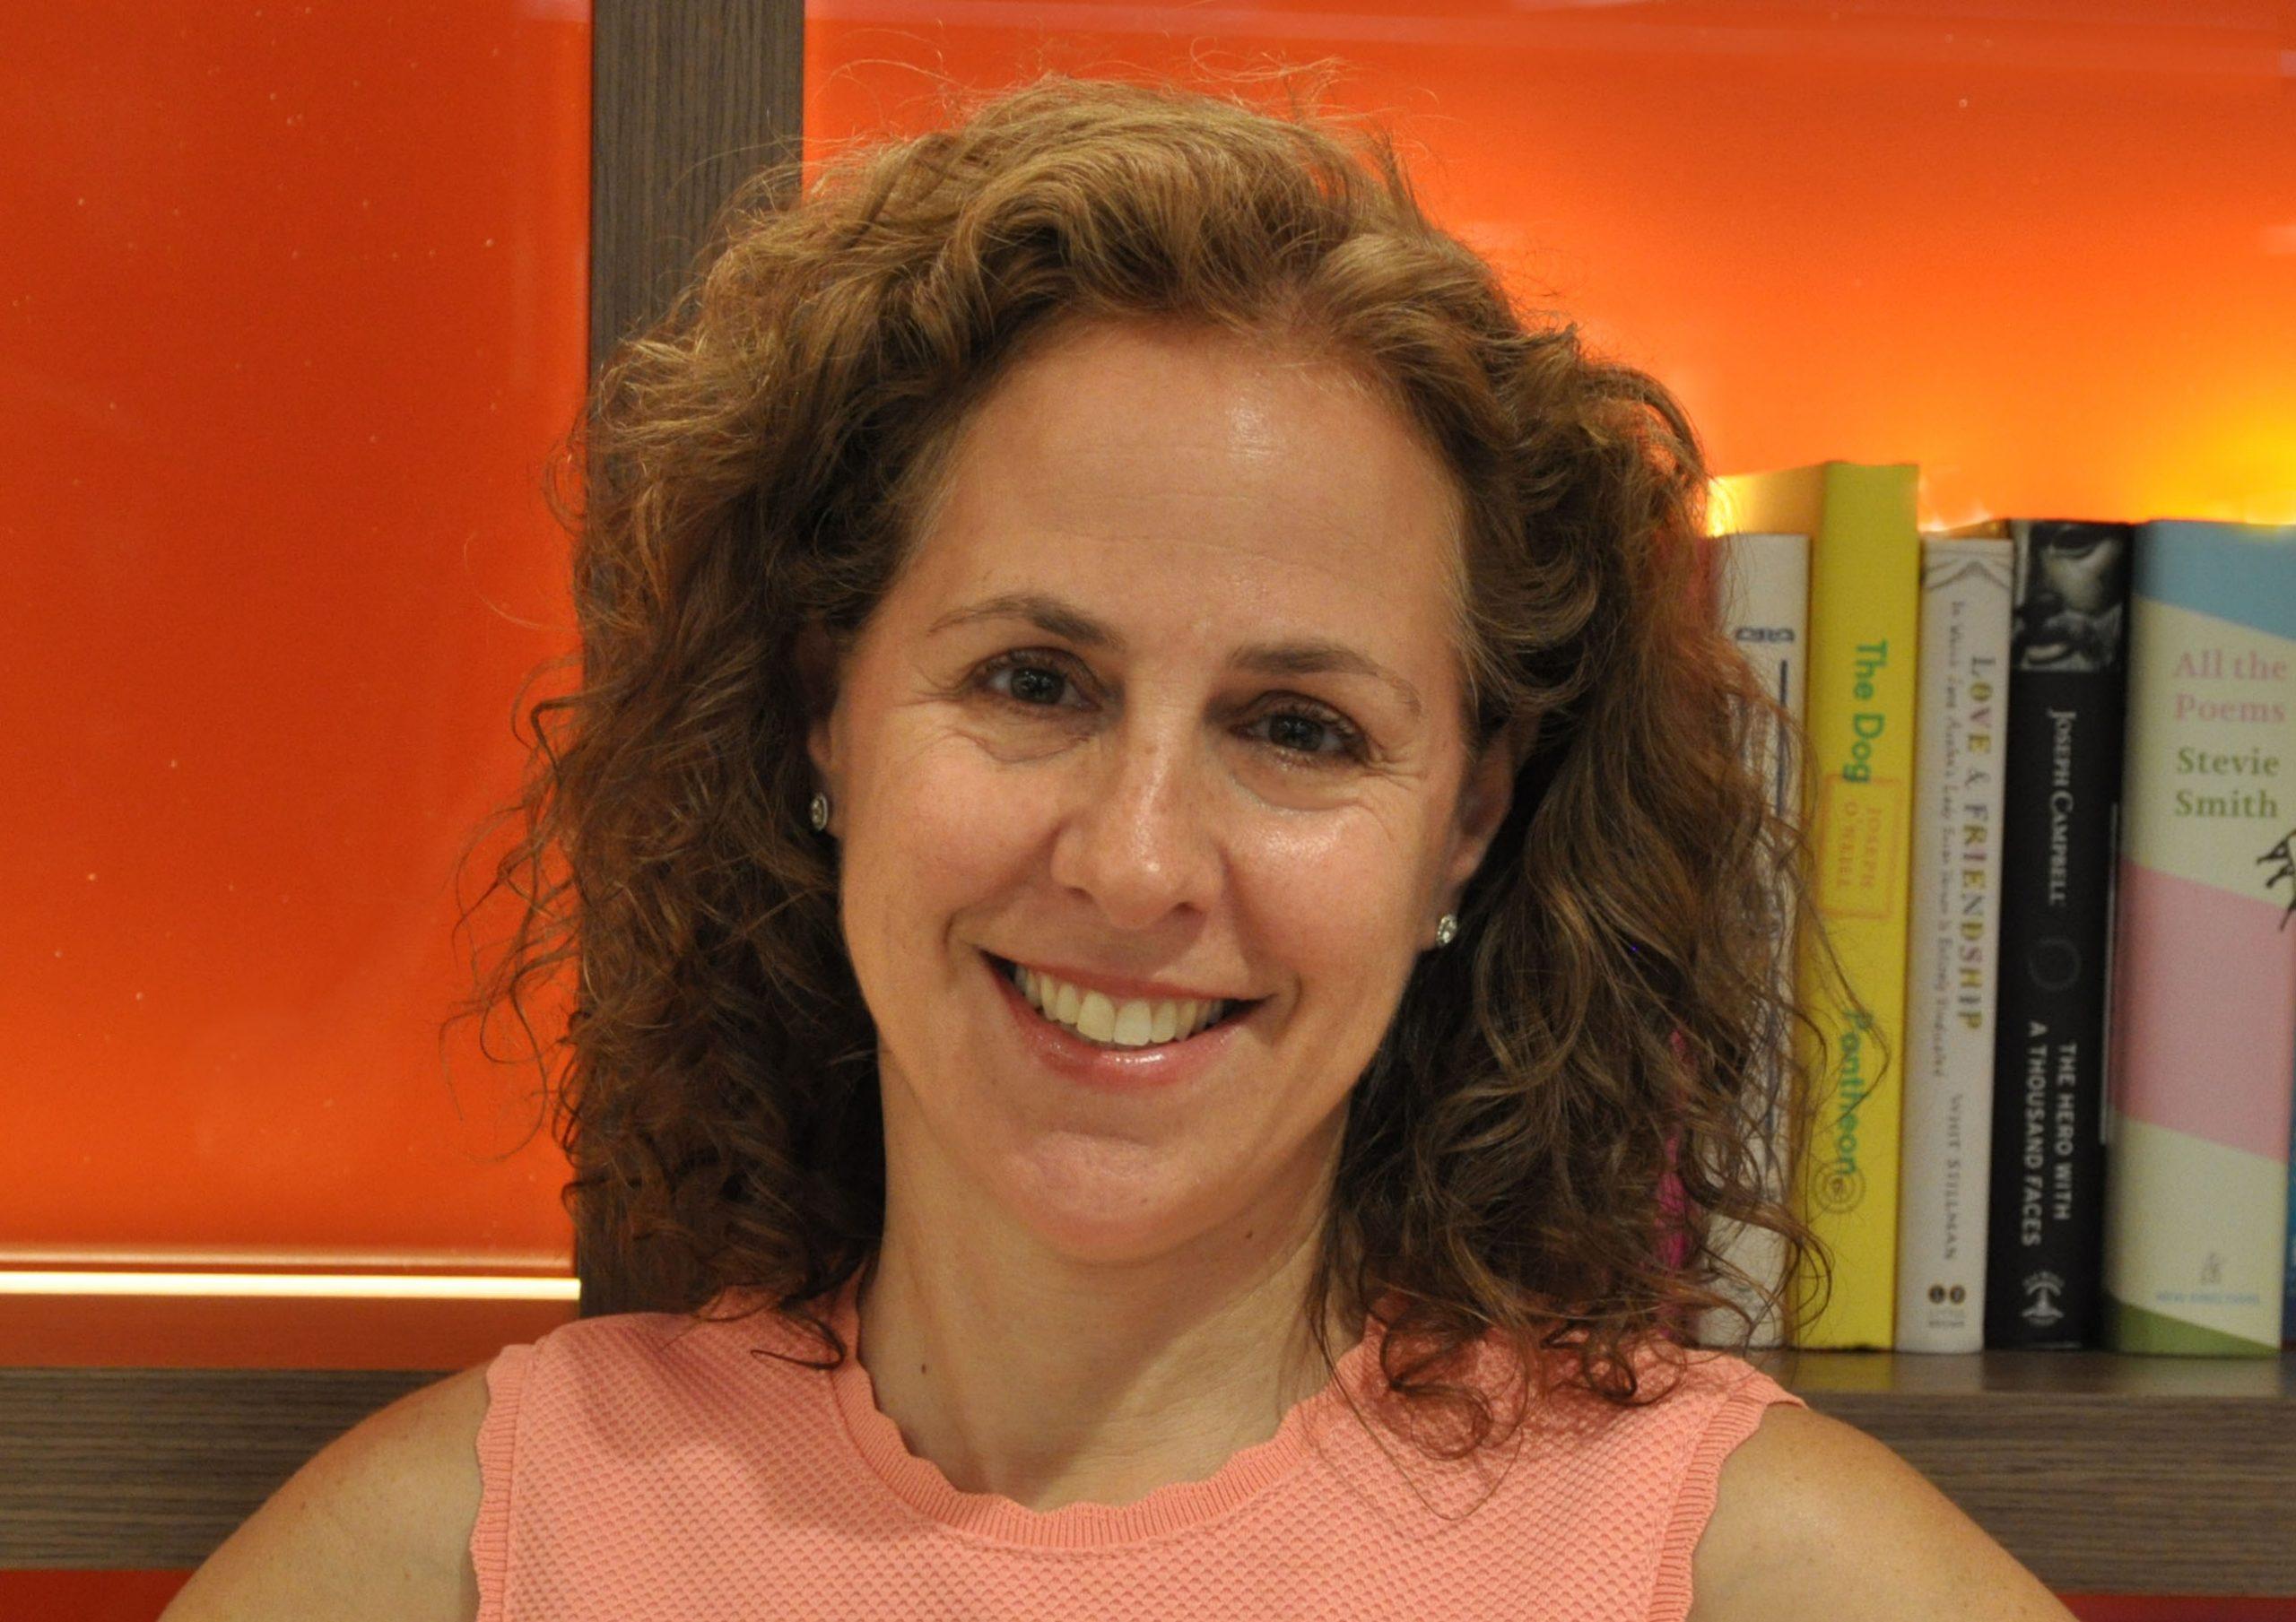 Lesley Shorr Klein